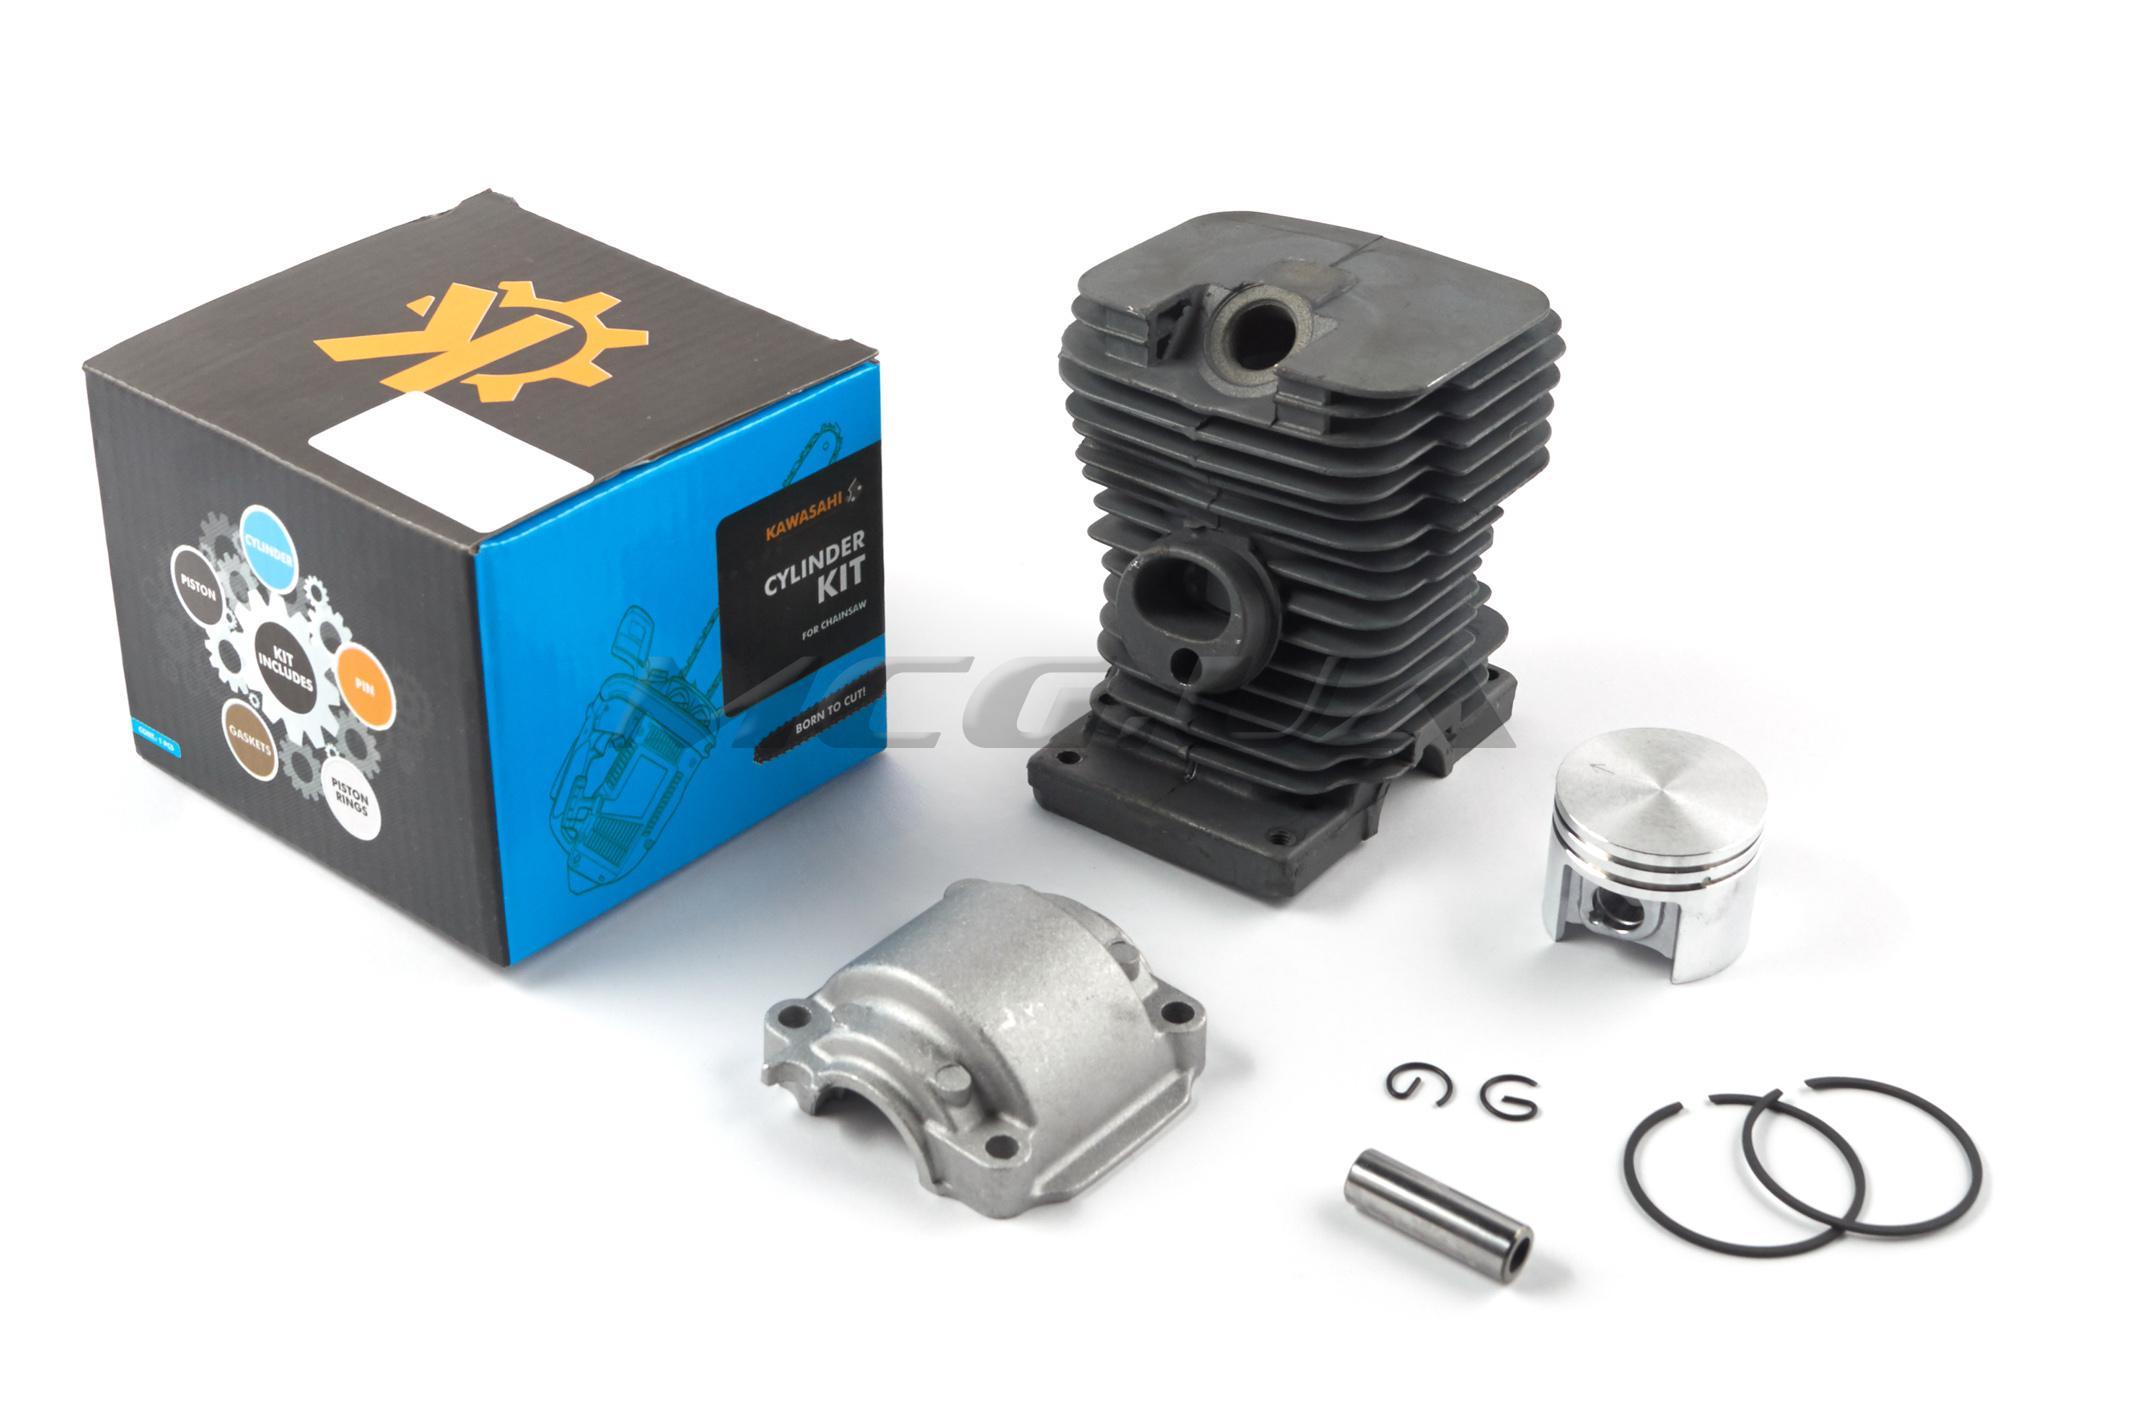 Цепь б/п stihl 63pm66 (1,3 - 3/8) (mm 09697 купить с доставкой по москве и россии, цена, технические характеристики